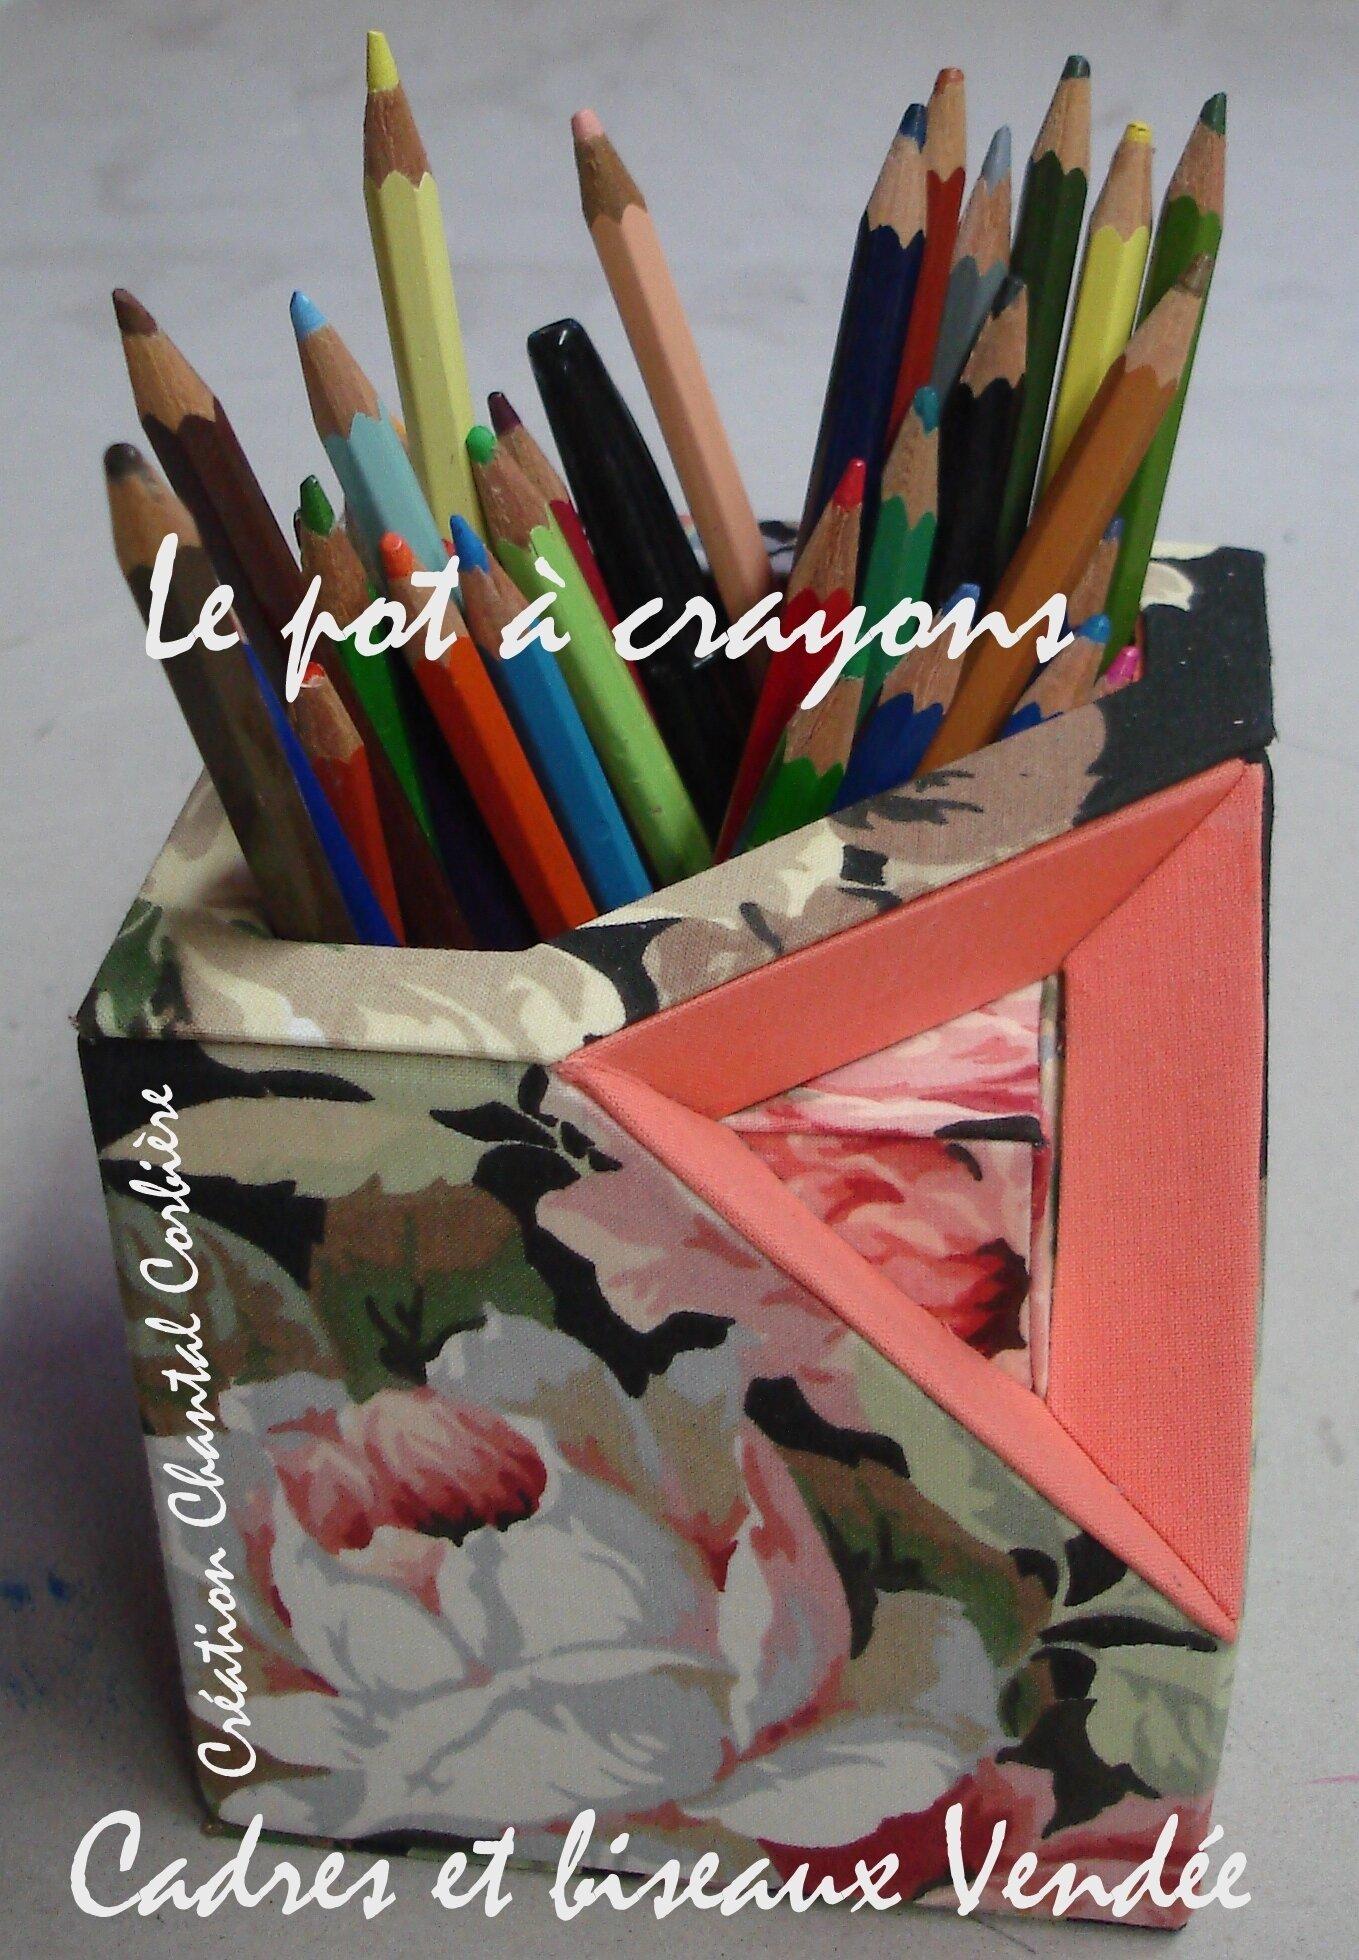 Le pot à crayons